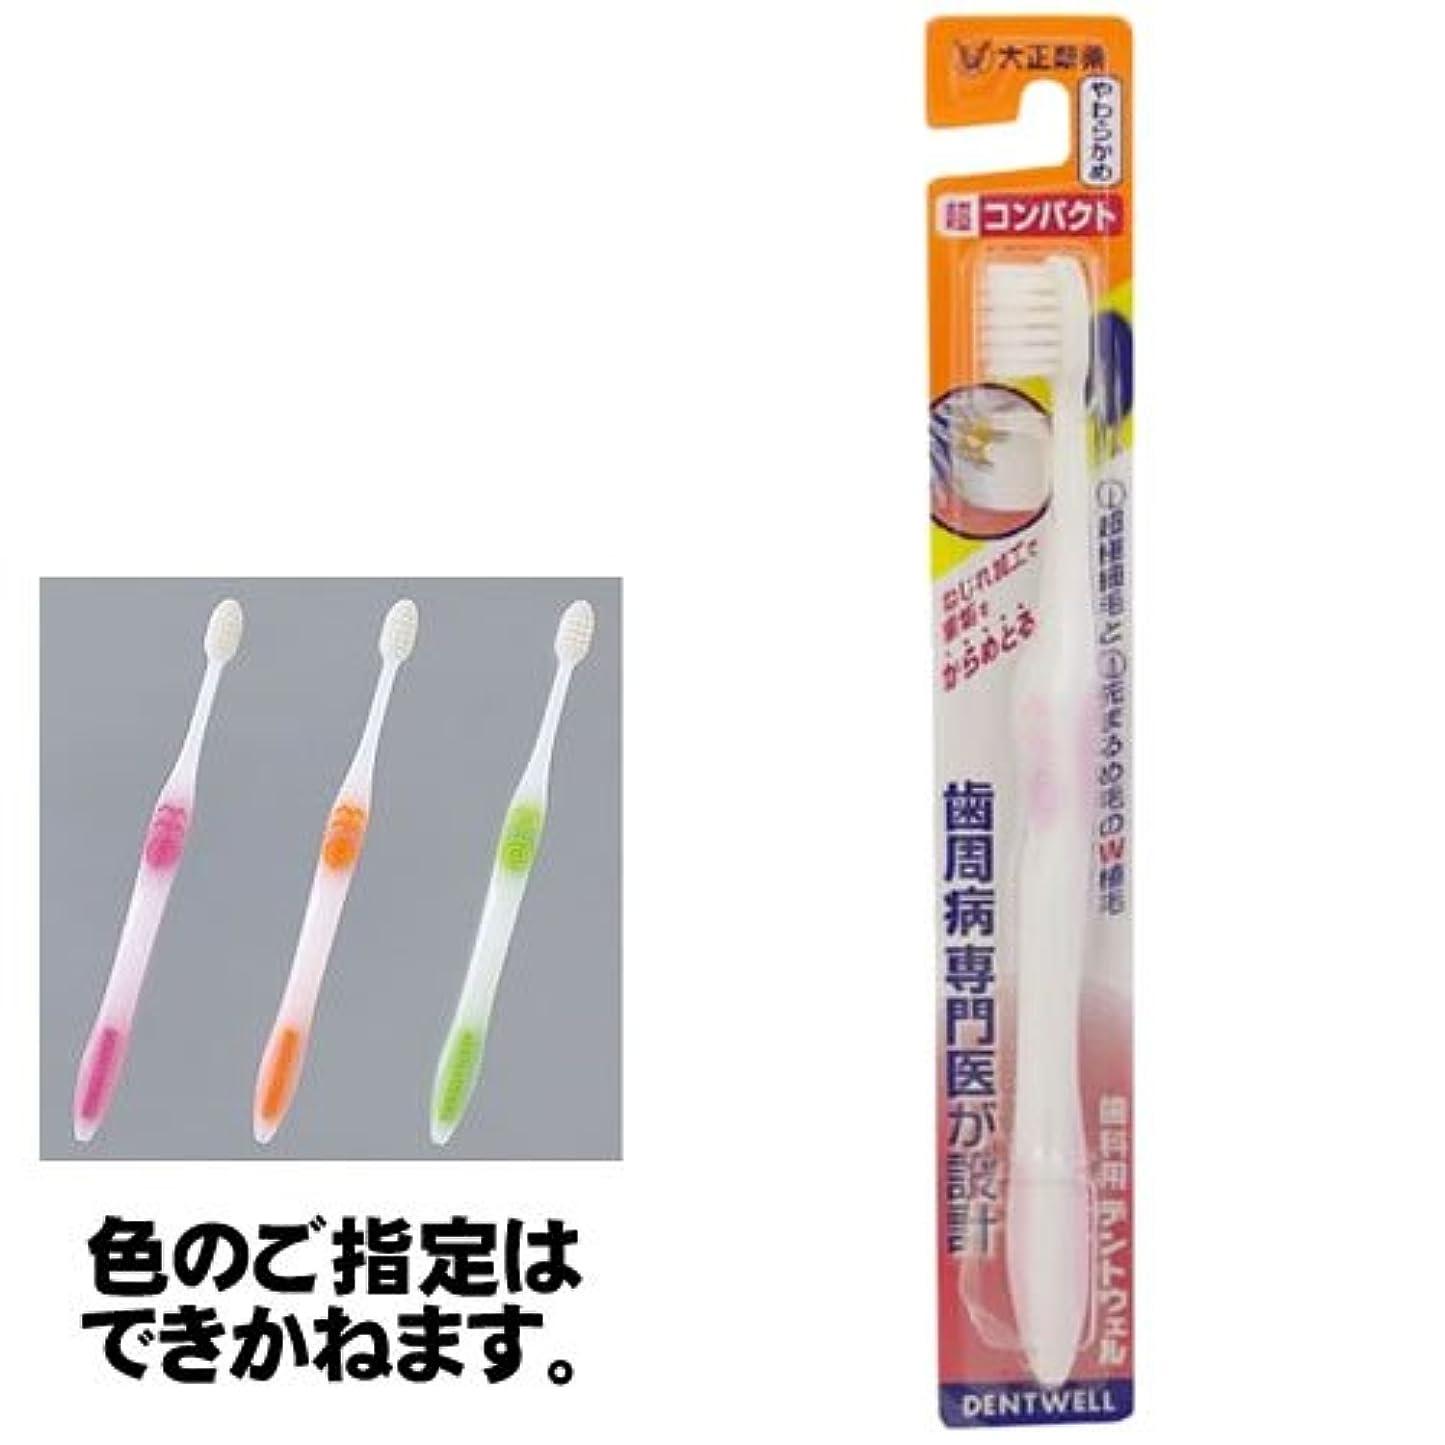 海嶺容器封筒〔大正製薬〕歯科用デントウェル歯ブラシ 超コンパクト やわらかめ×12個セット